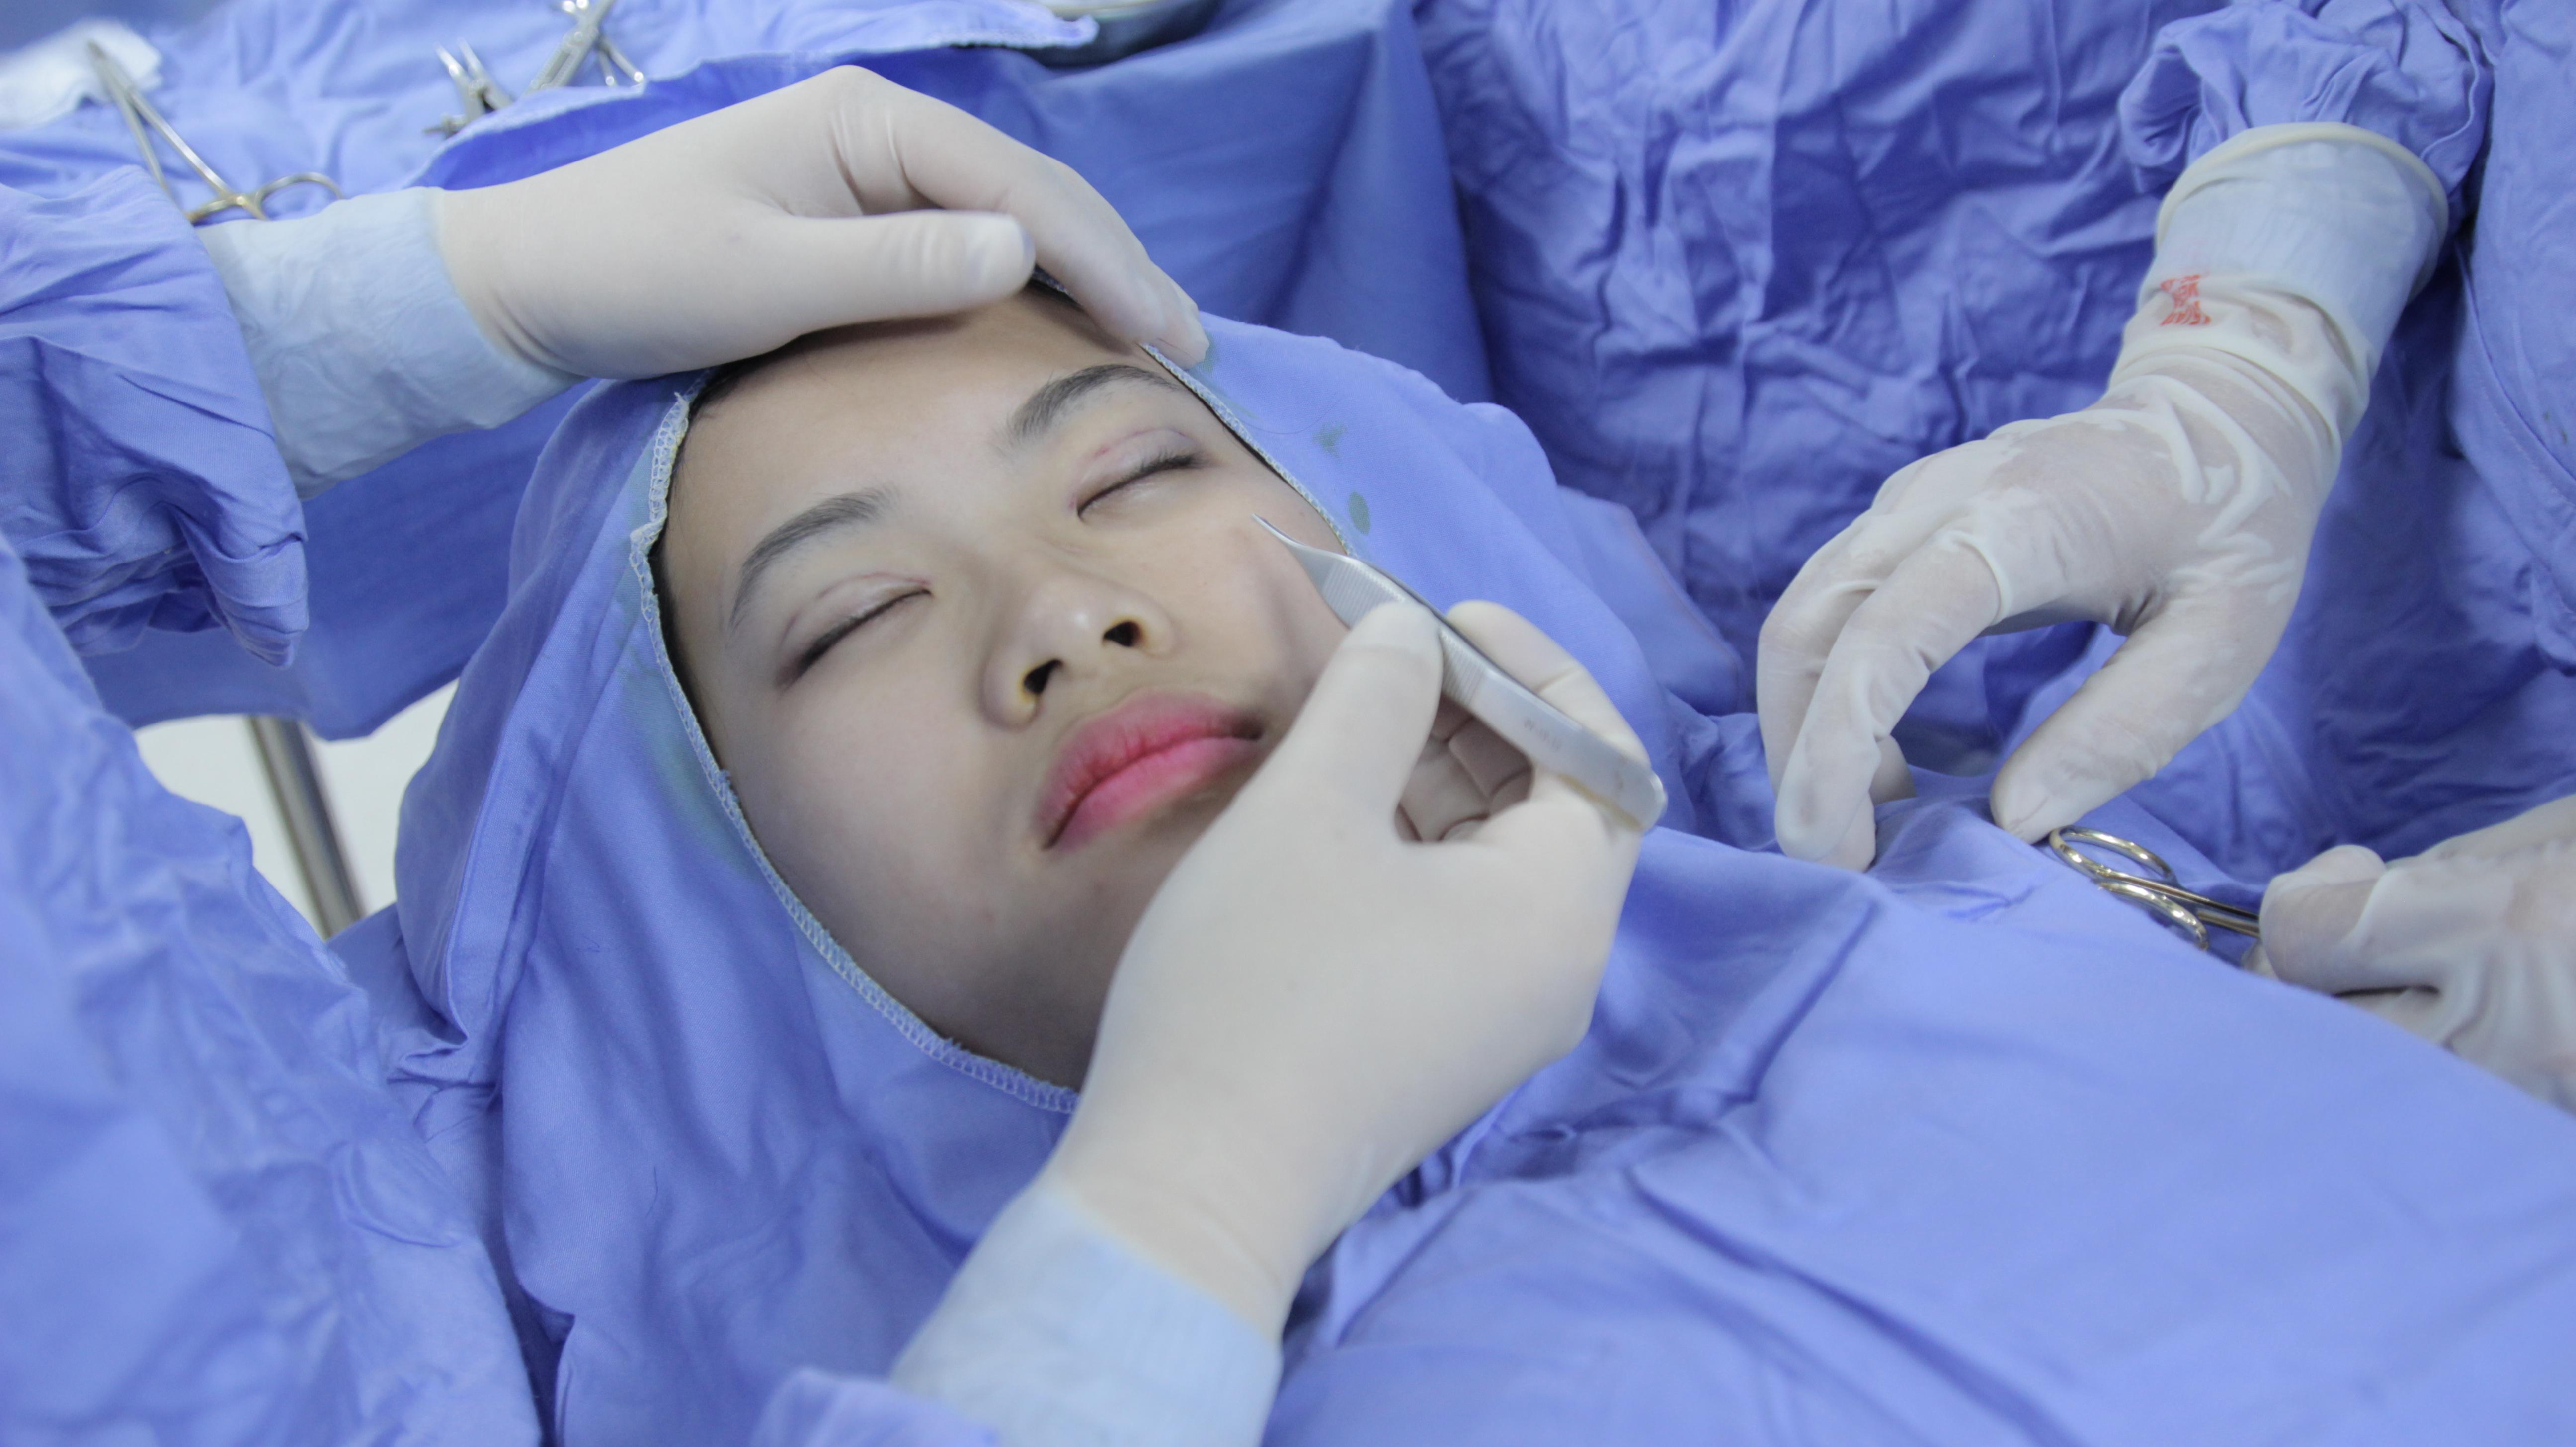 """Cơ hội miễn phí dịch vụ cắt mí mắt Hàn Quốc khi tham gia """"Hội yêu thích Thẩm mỹ Hàn Quốc"""" 4"""